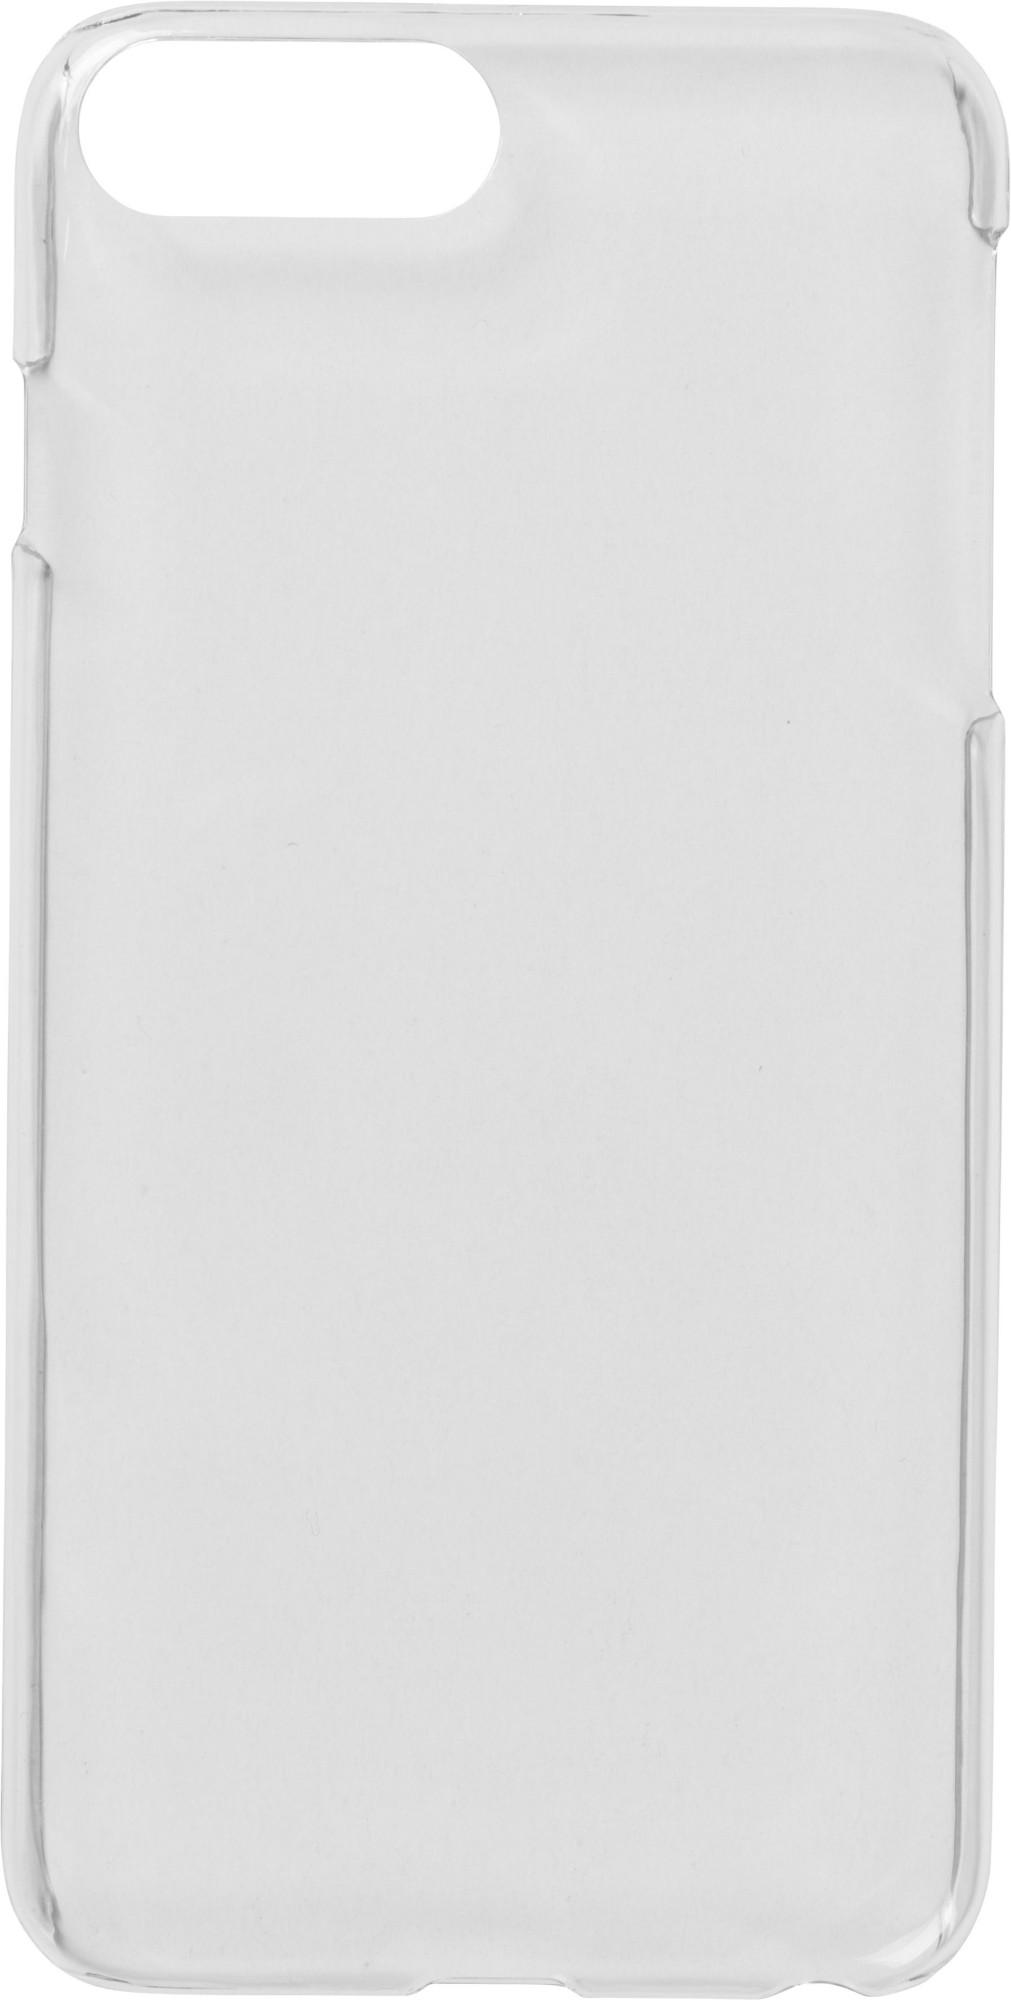 eSTUFF ES671082 mobile phone case Cover Transparent